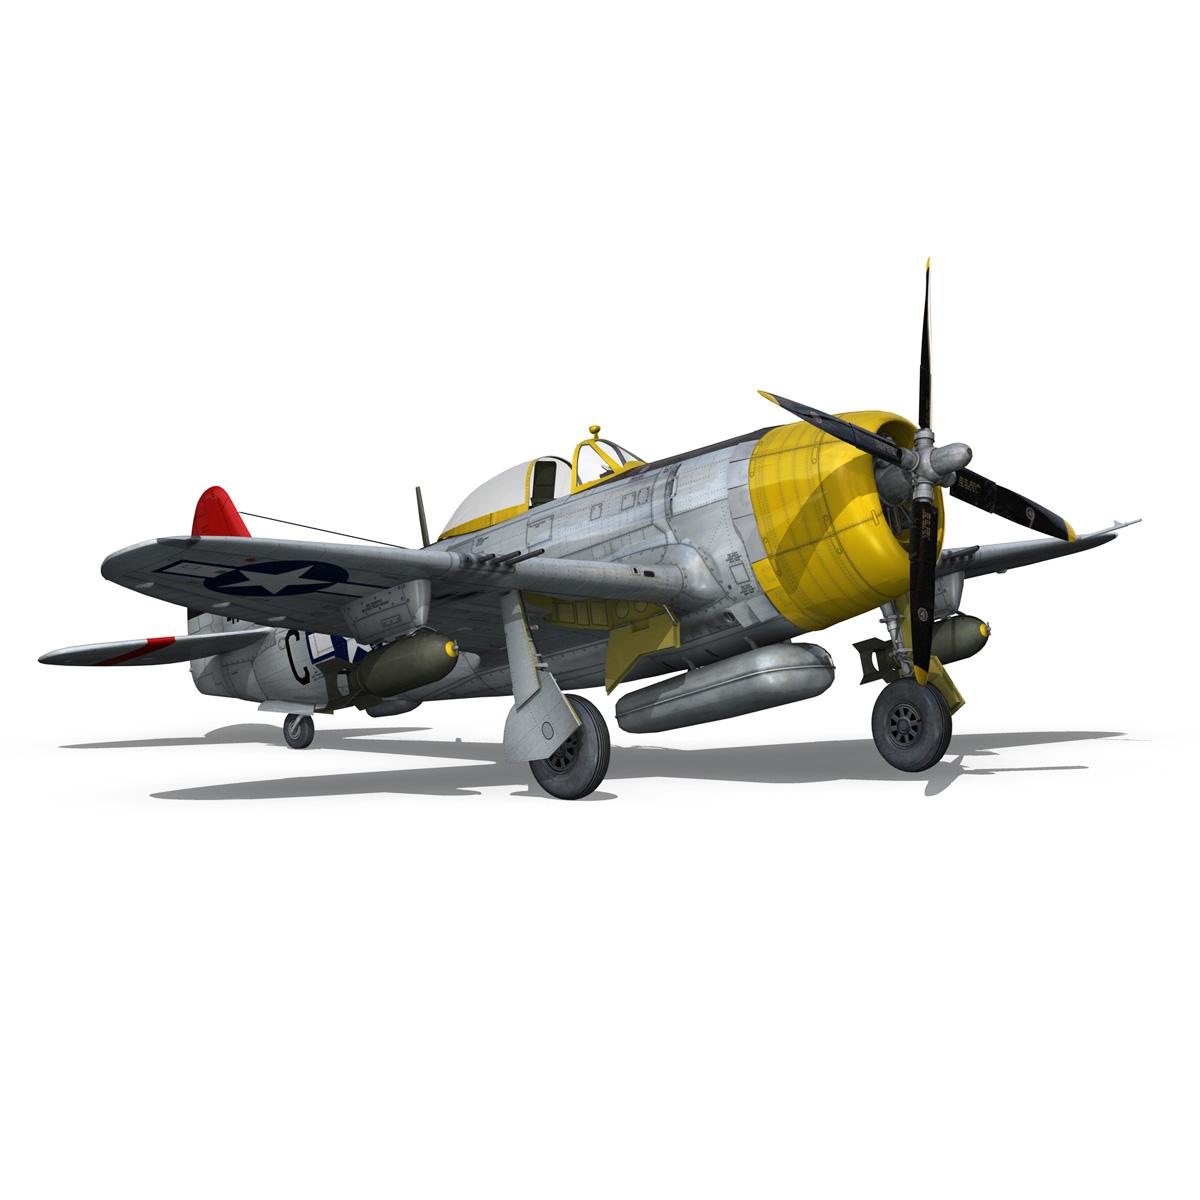 republic p-47d thunderbolt – chief seattle 3d model fbx c4d lwo obj 268213